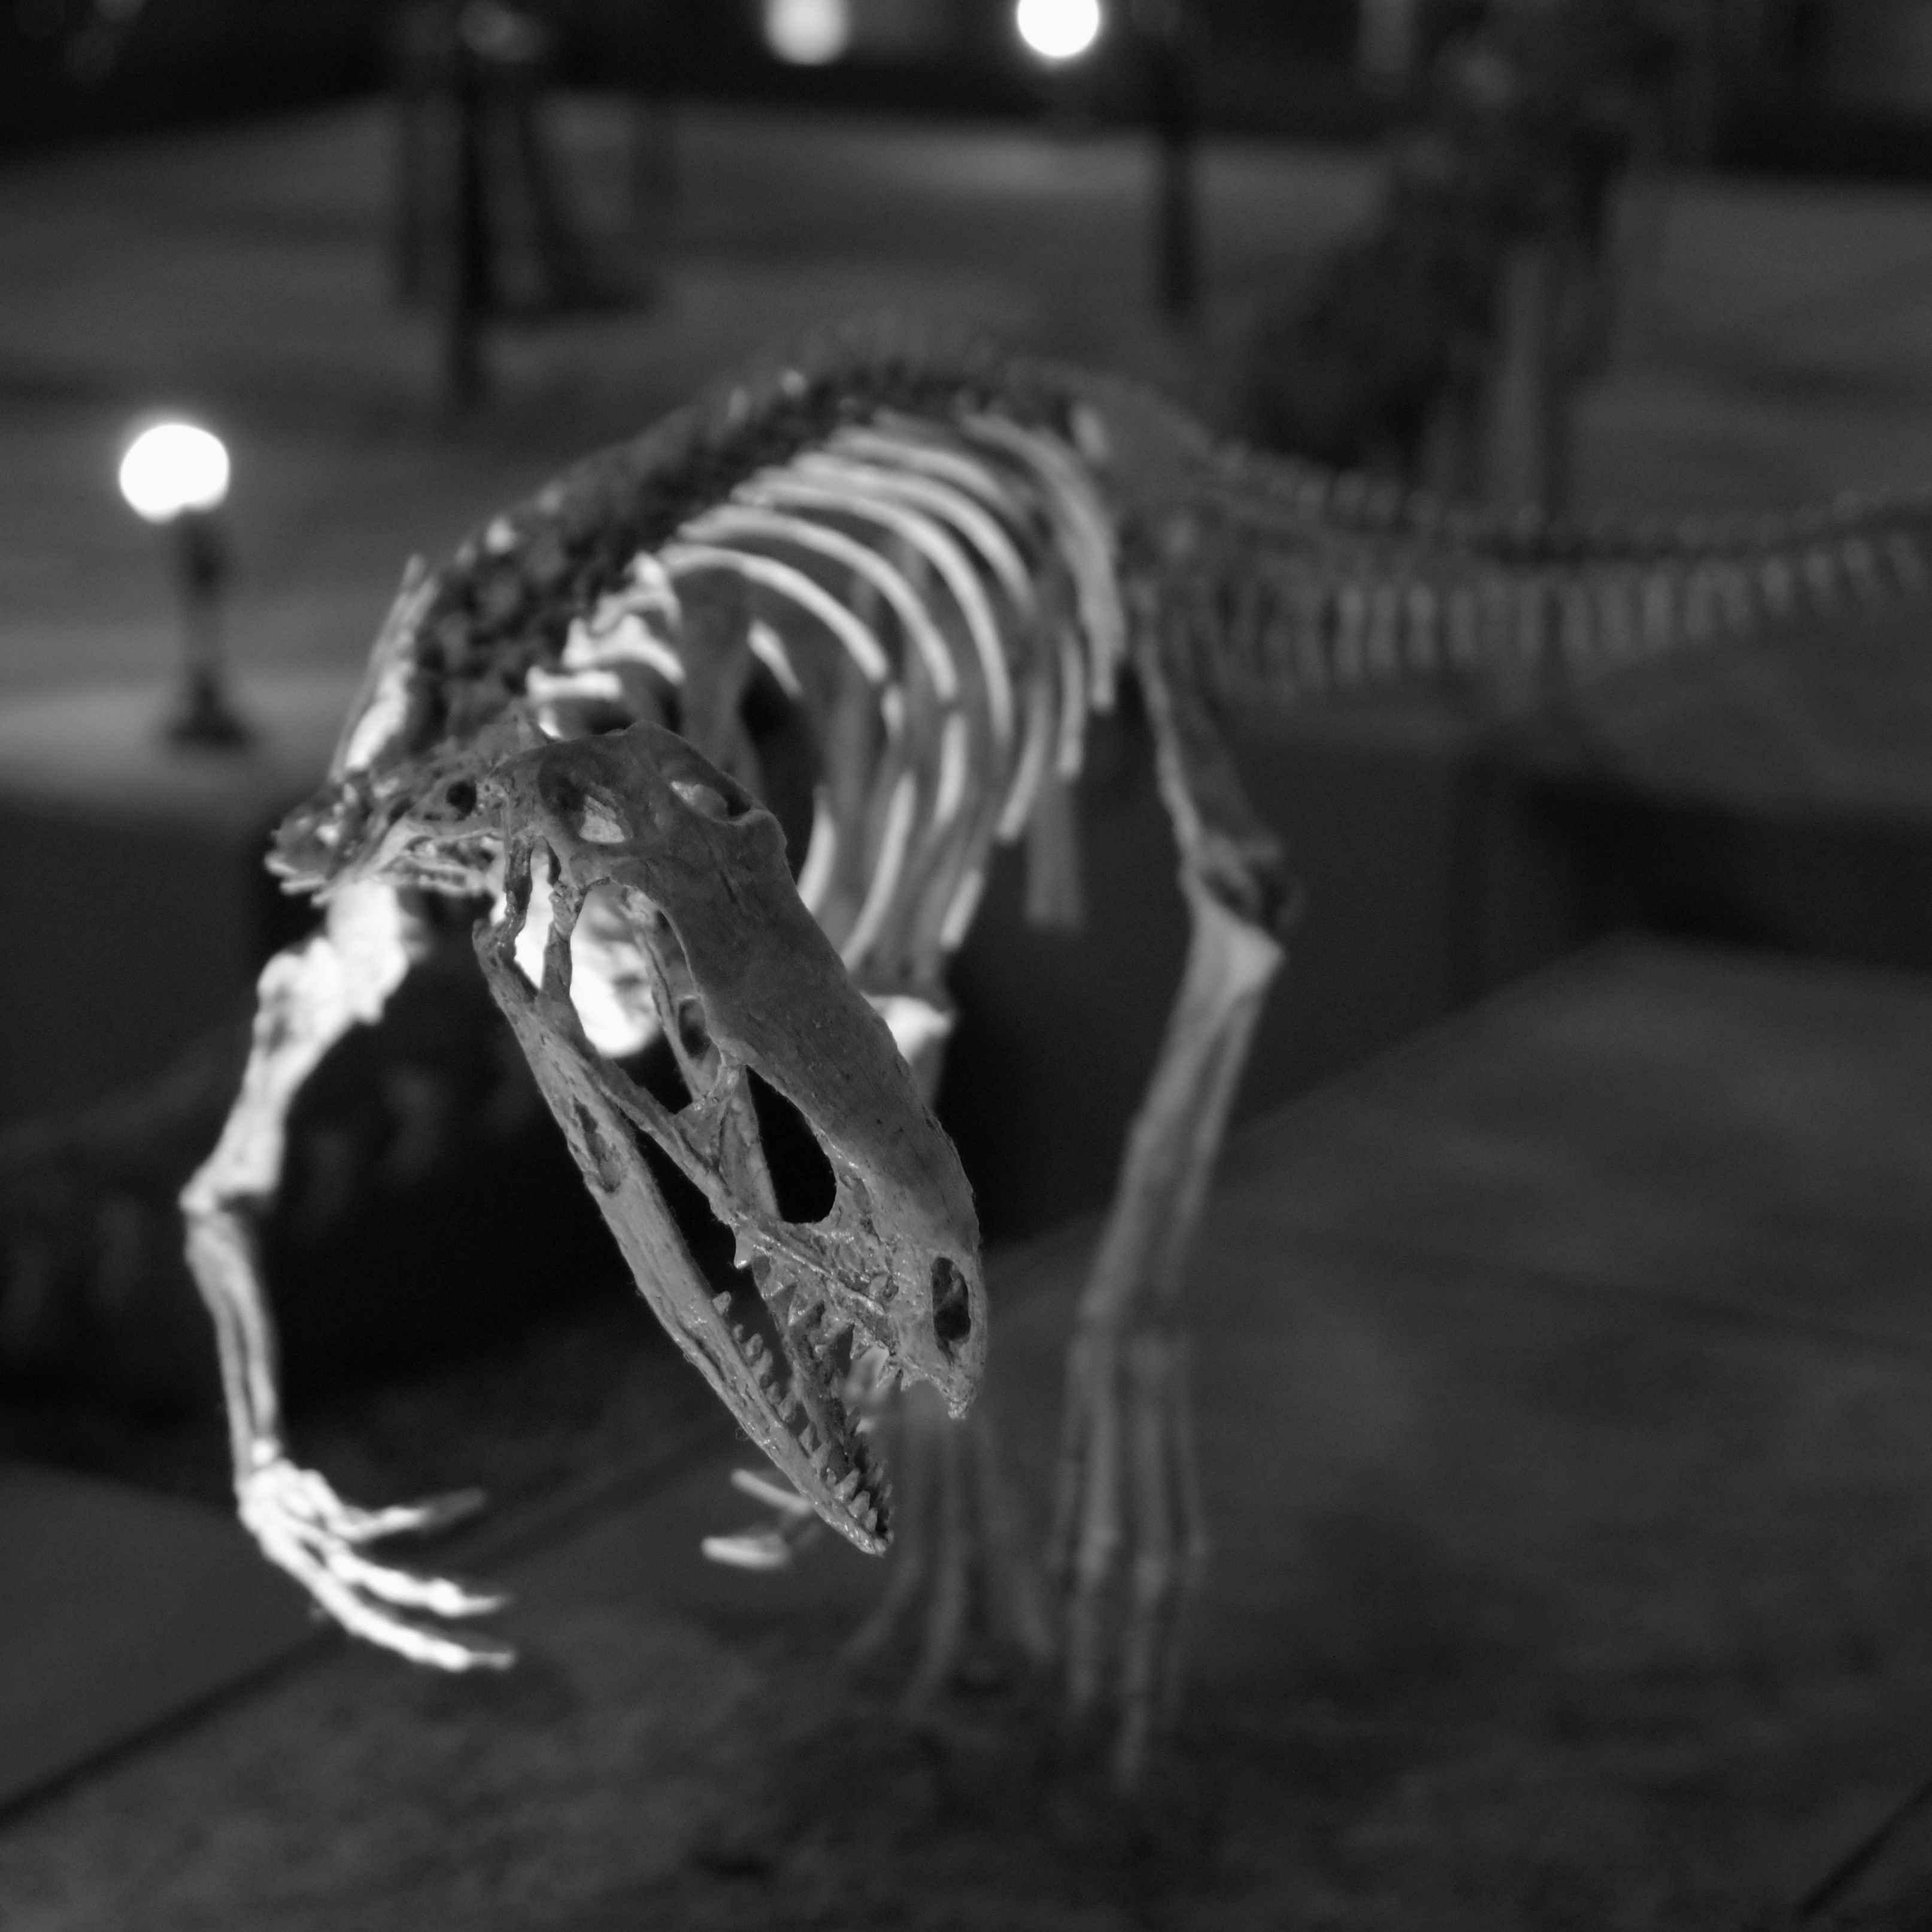 国立科学博物館の利用について